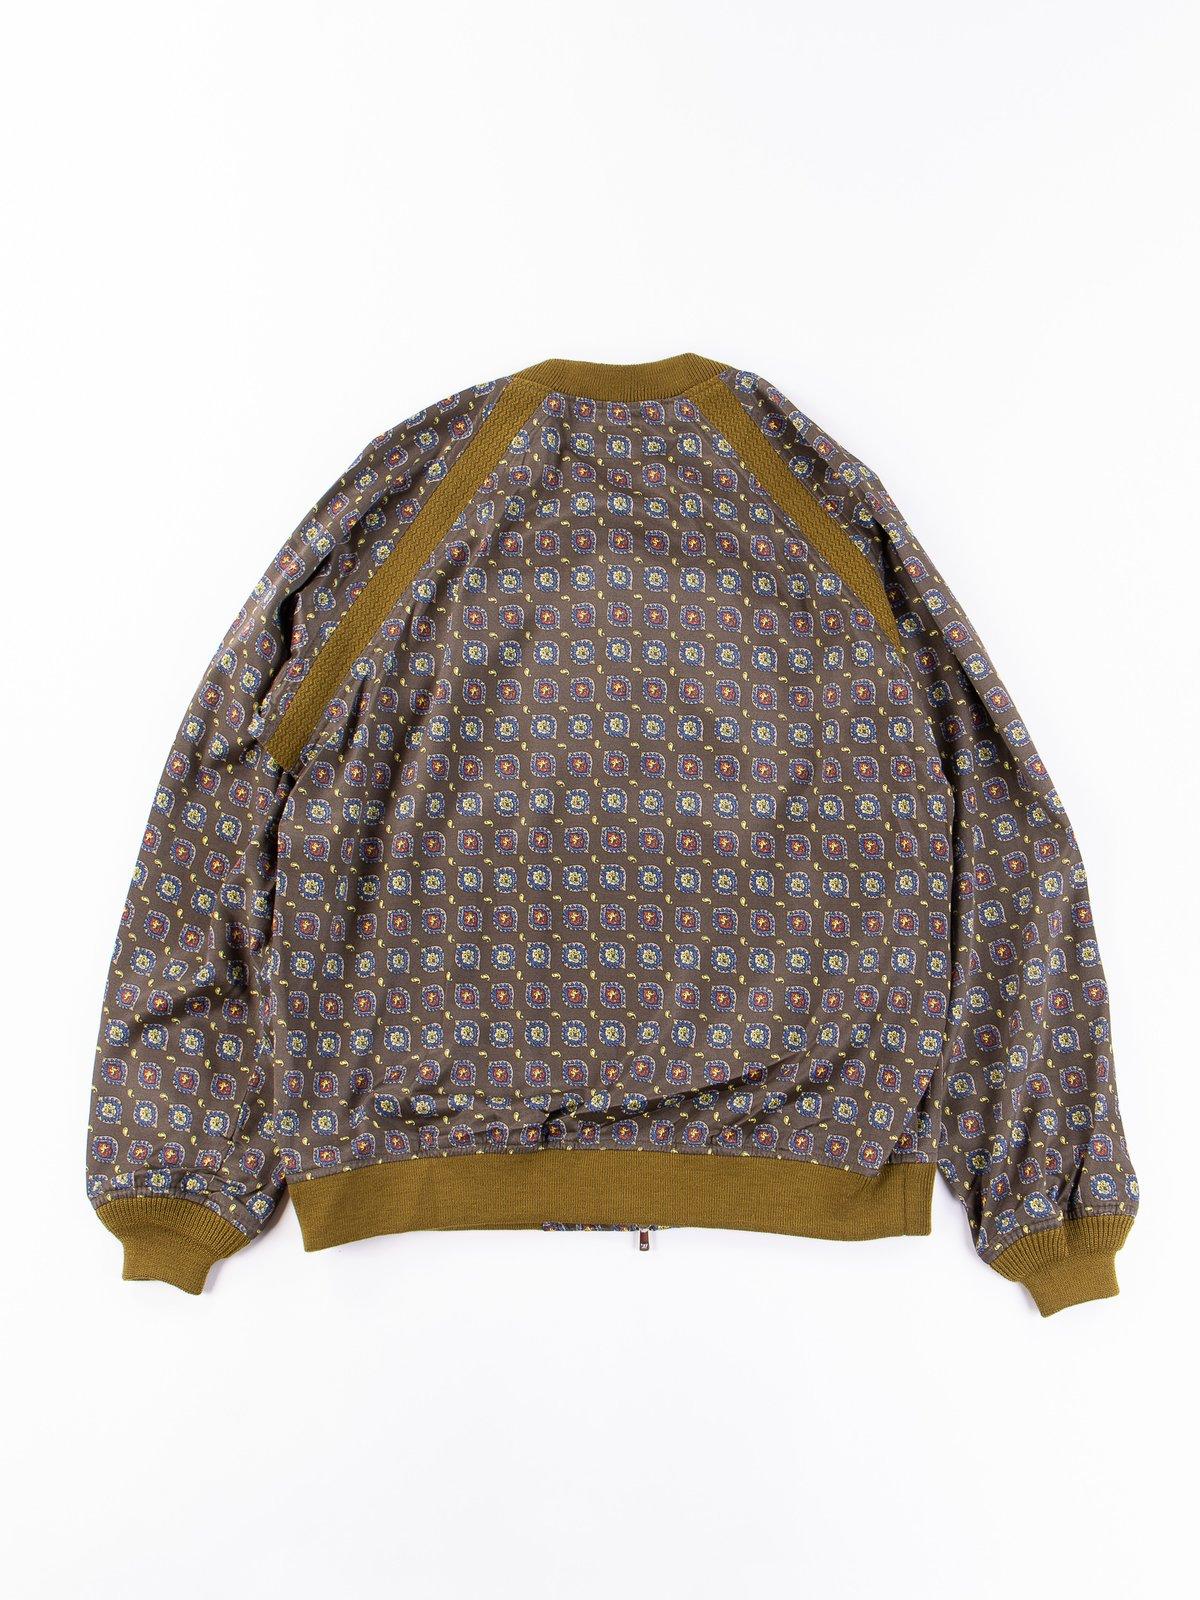 Olive Fine Pattern Sateen W.S.S. Jacket - Image 5